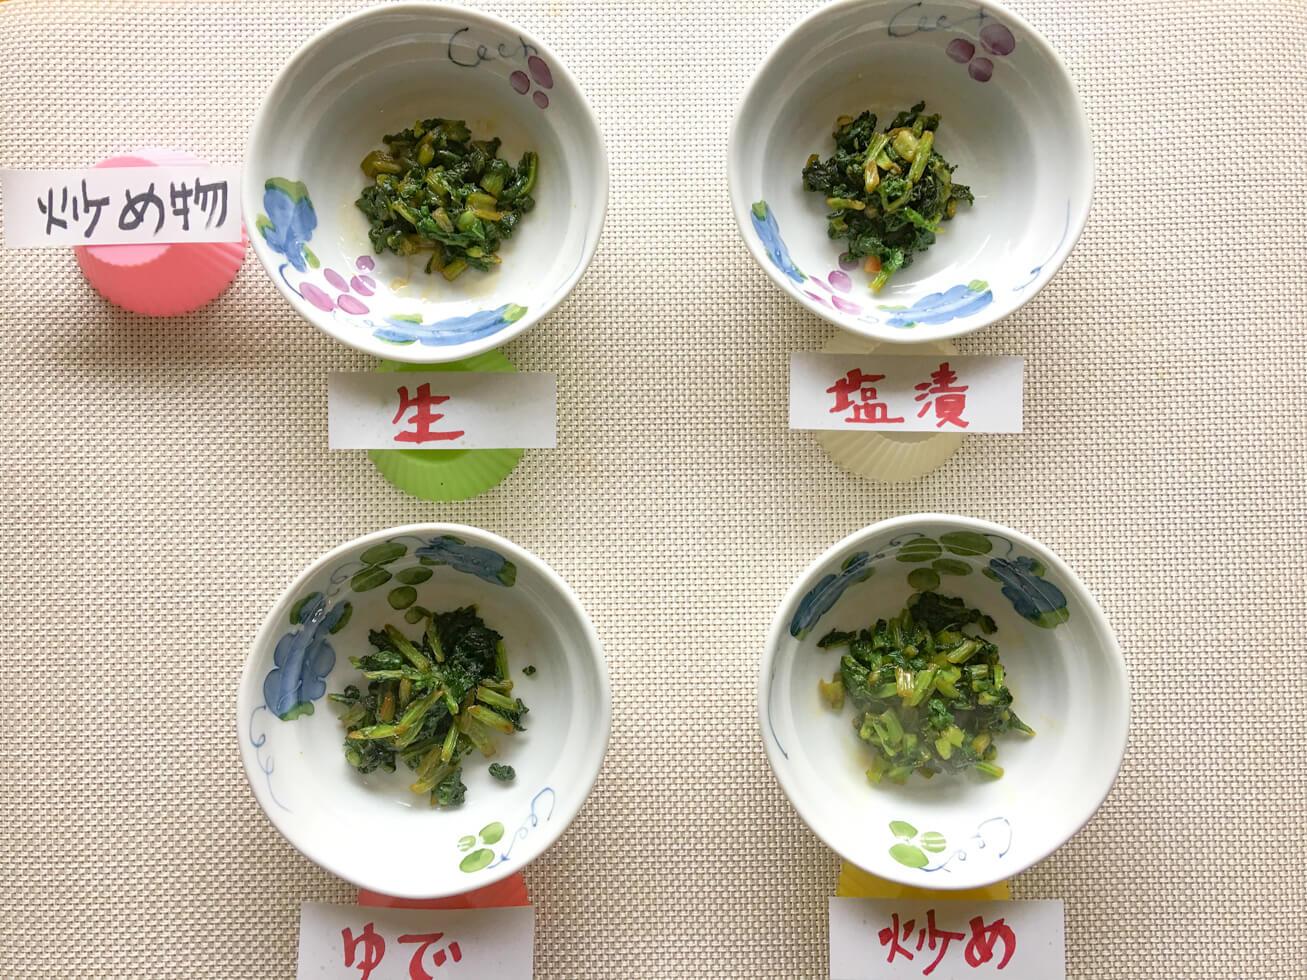 4種の冷凍法で大根葉の炒め物を作って並べた写真